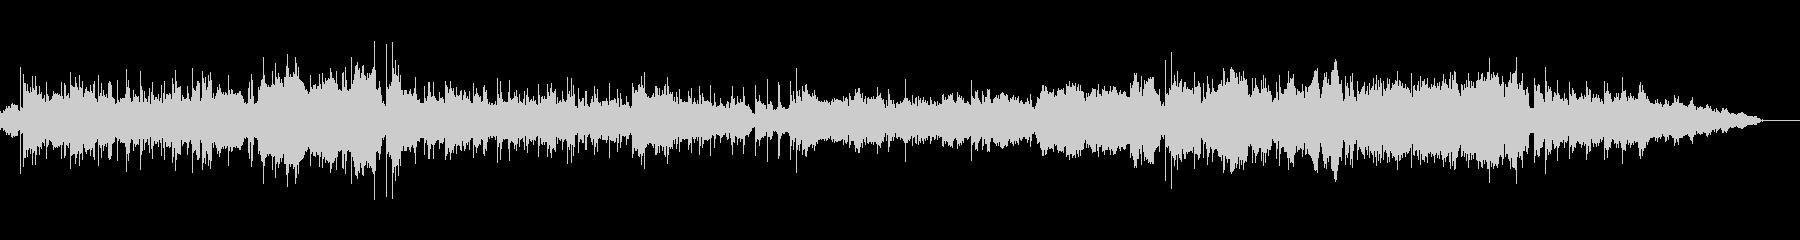 反響するギターとクラリネットのバラードの未再生の波形